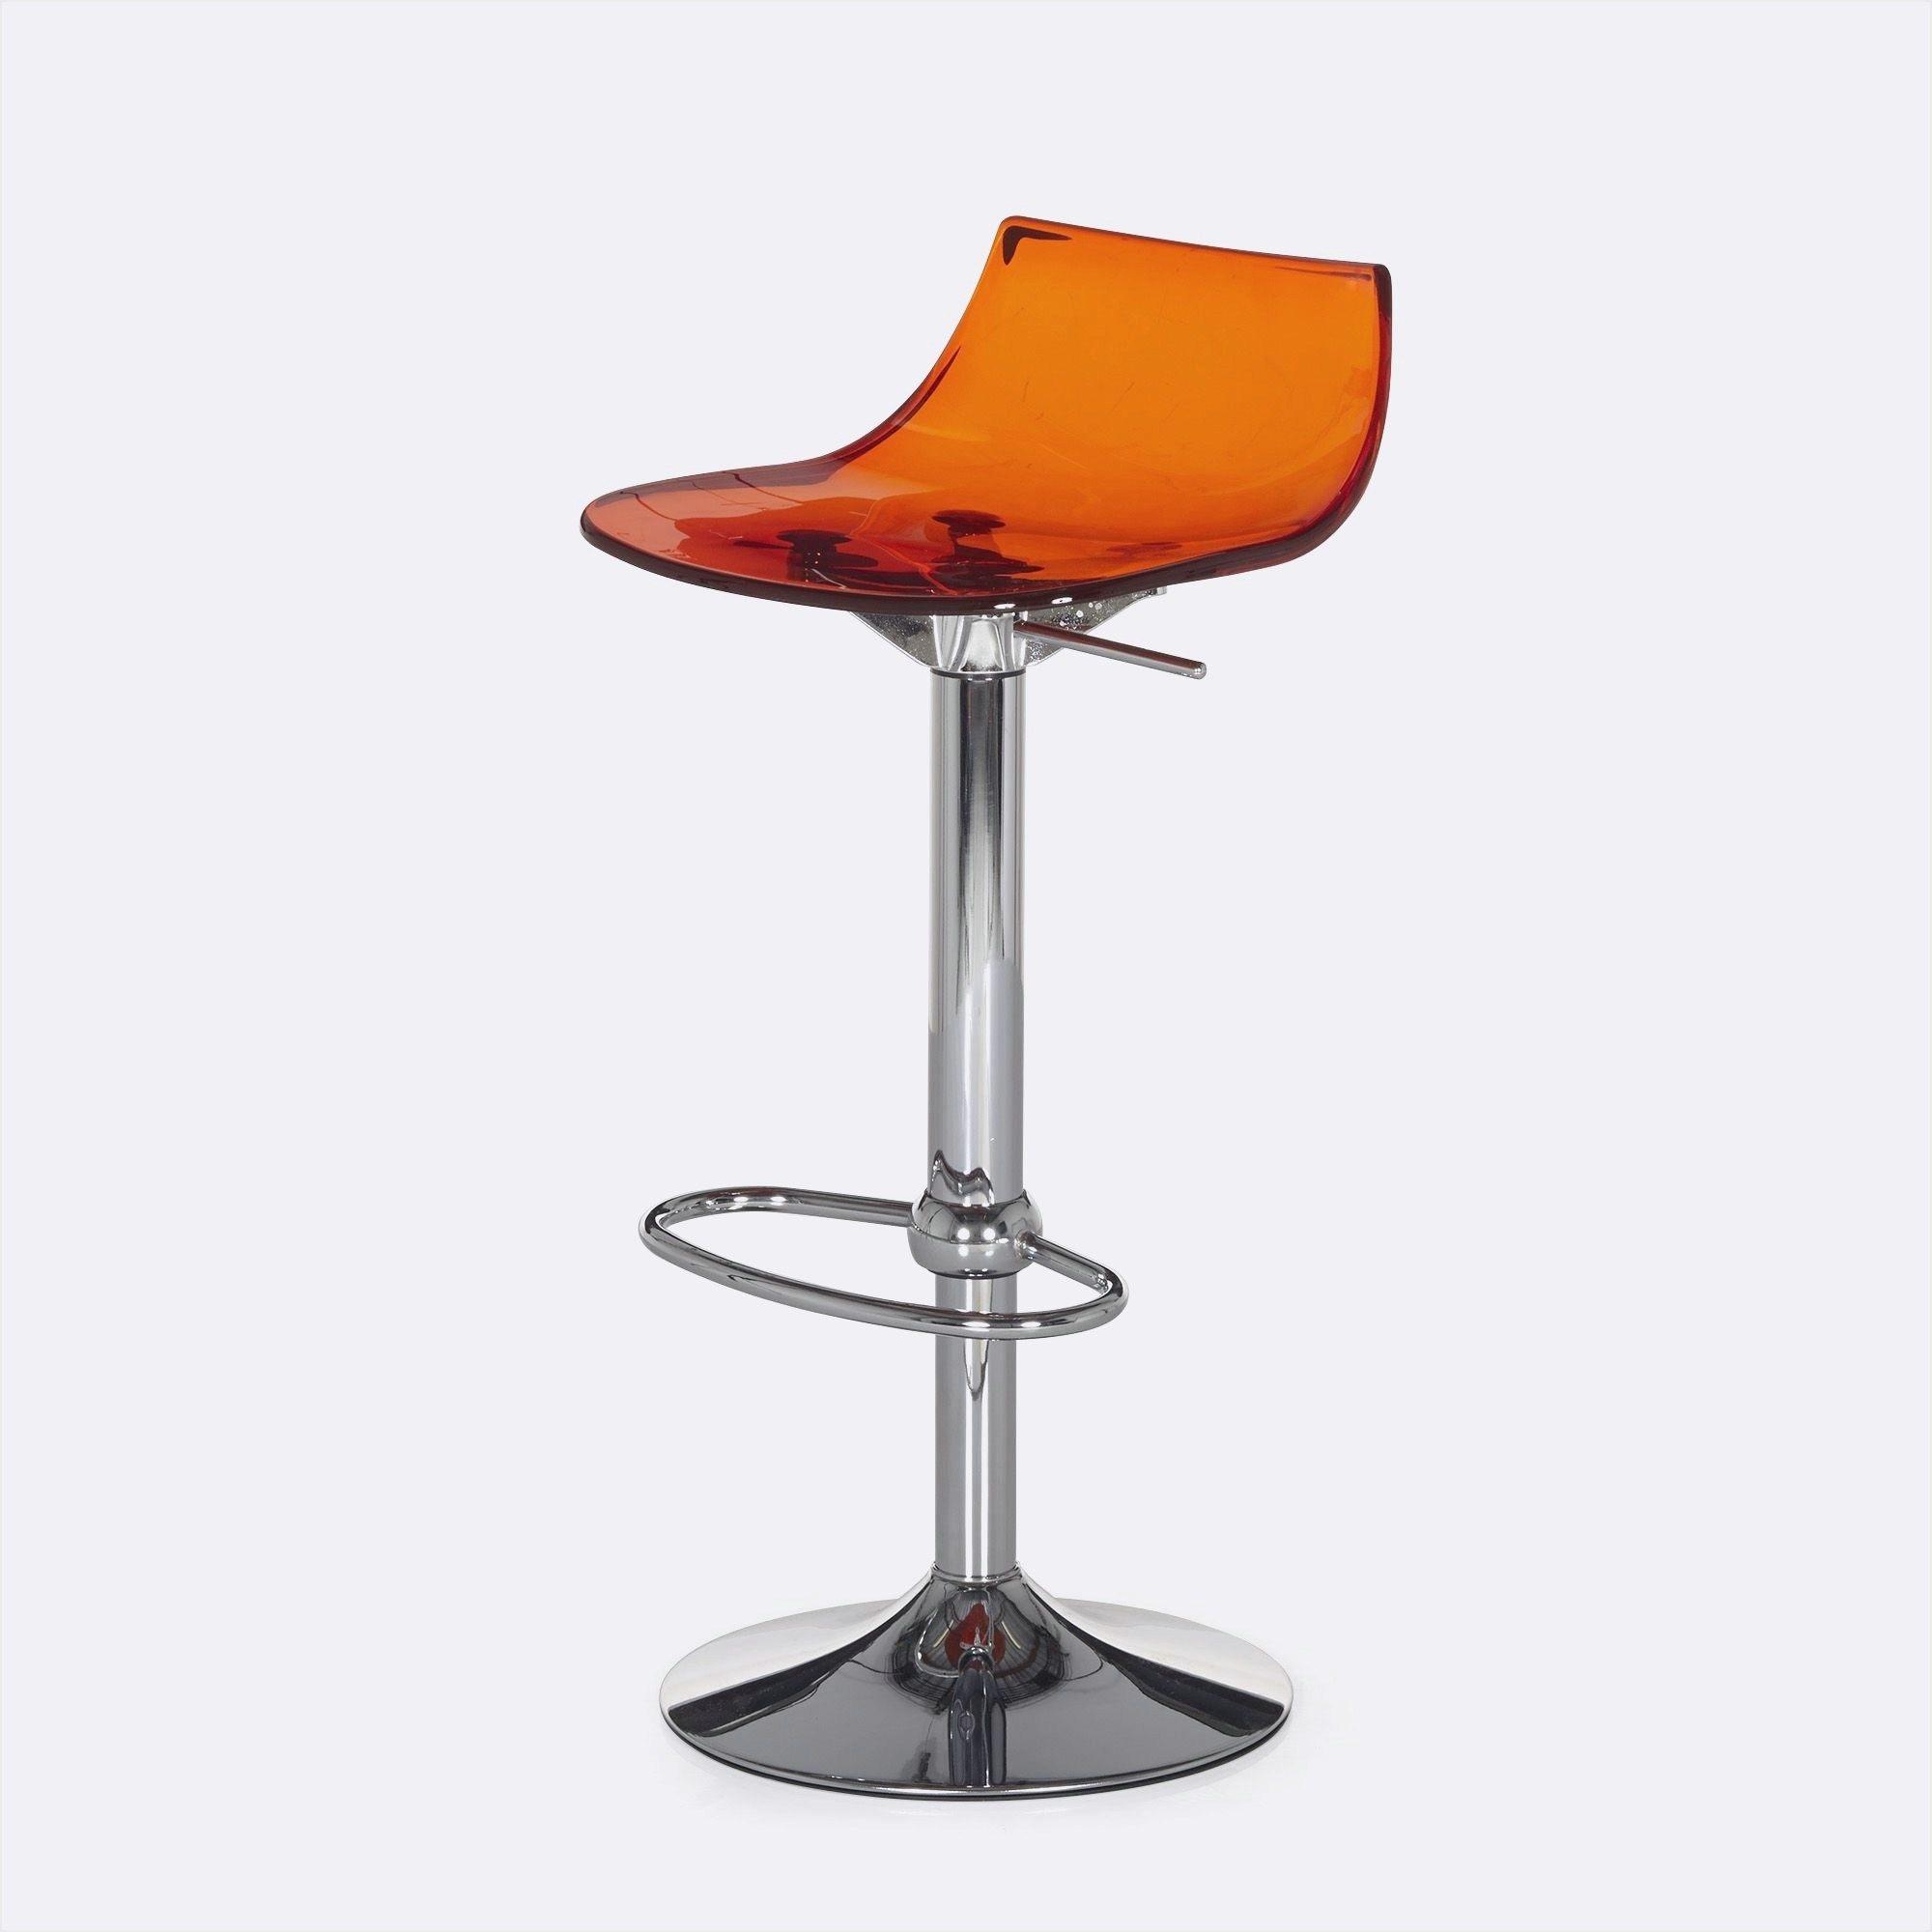 Lit Deux Places Pas Cher Belle Fauteuil Convertible 1 Place Pas Cher Rox– Fauteuil Blanc Ikea